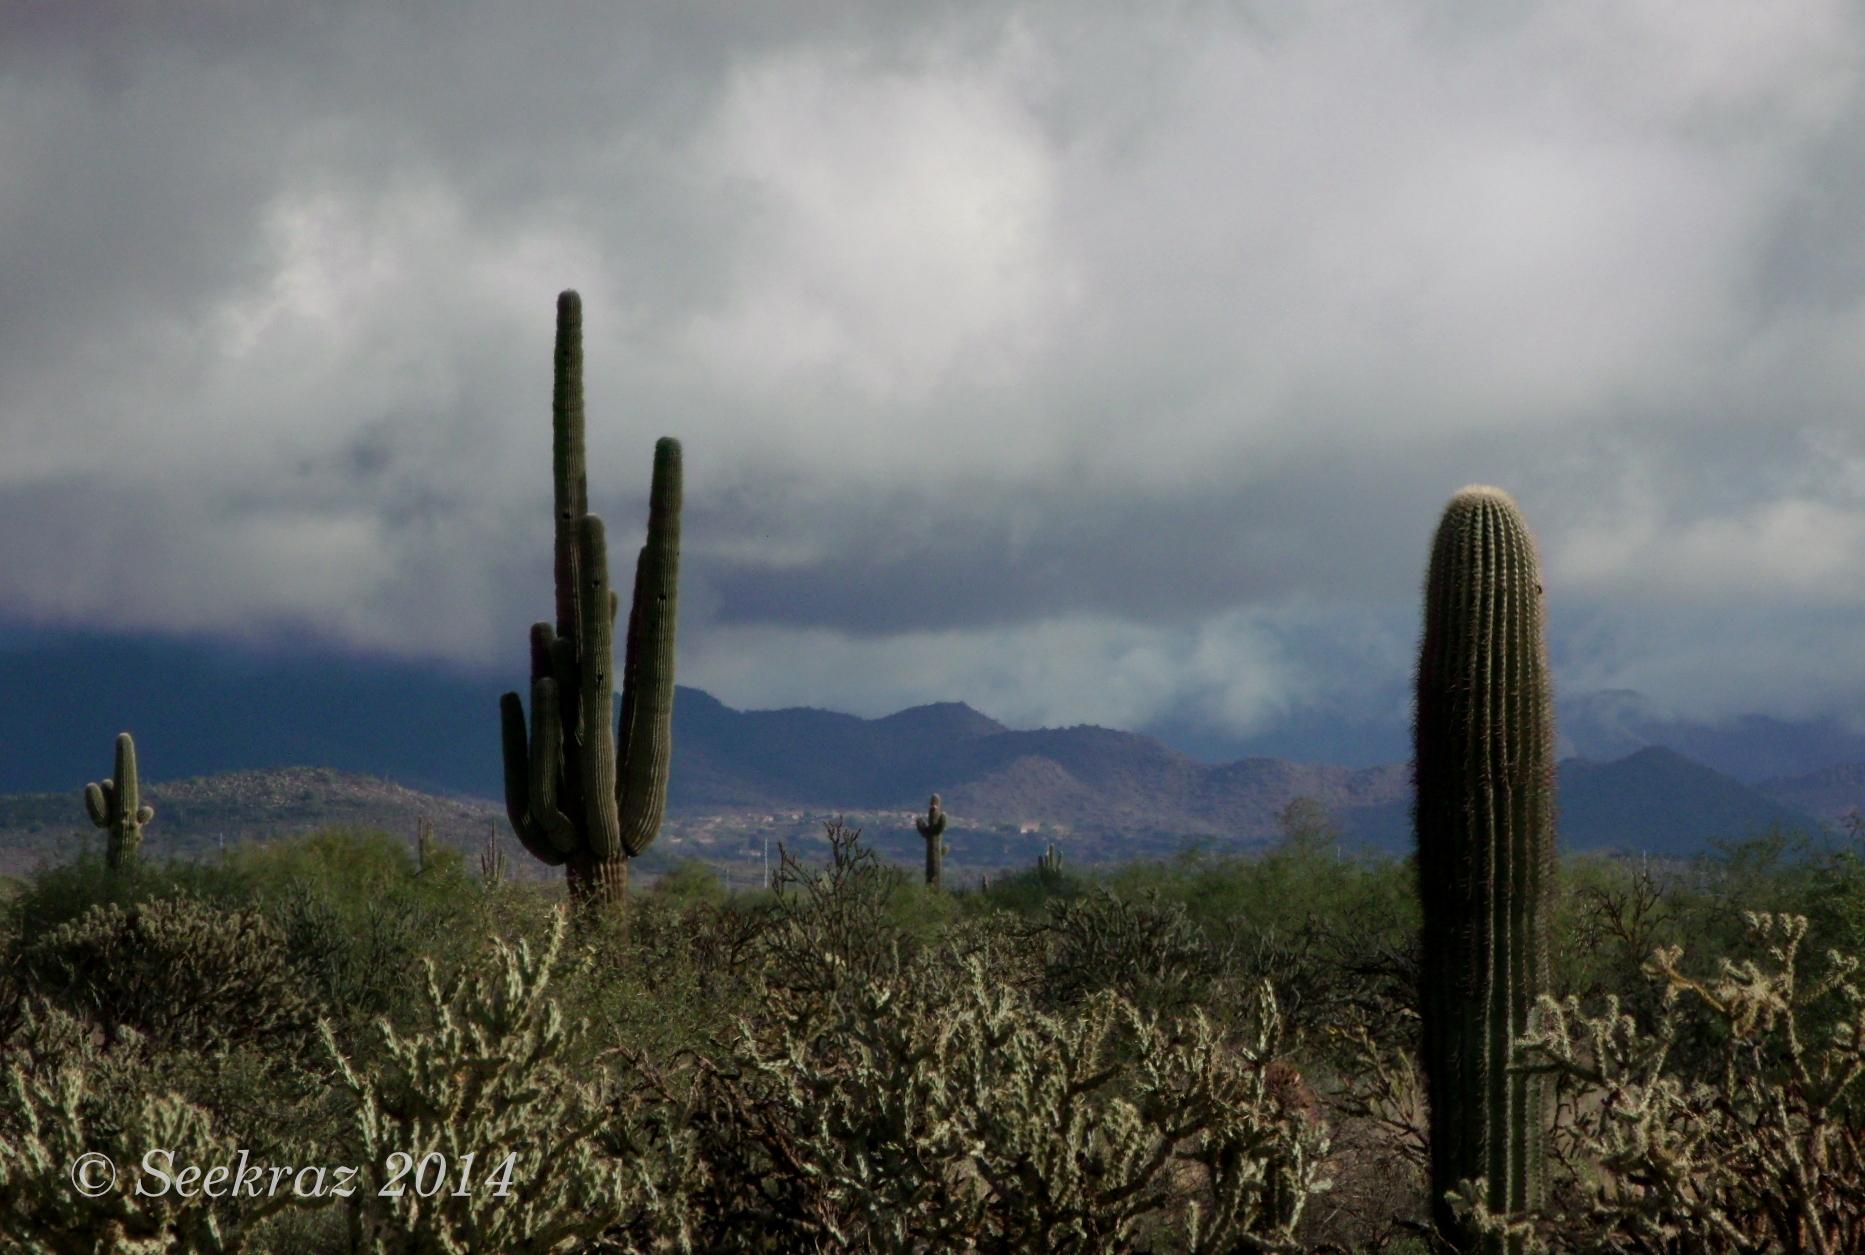 romantic places cactus clouds - photo #6